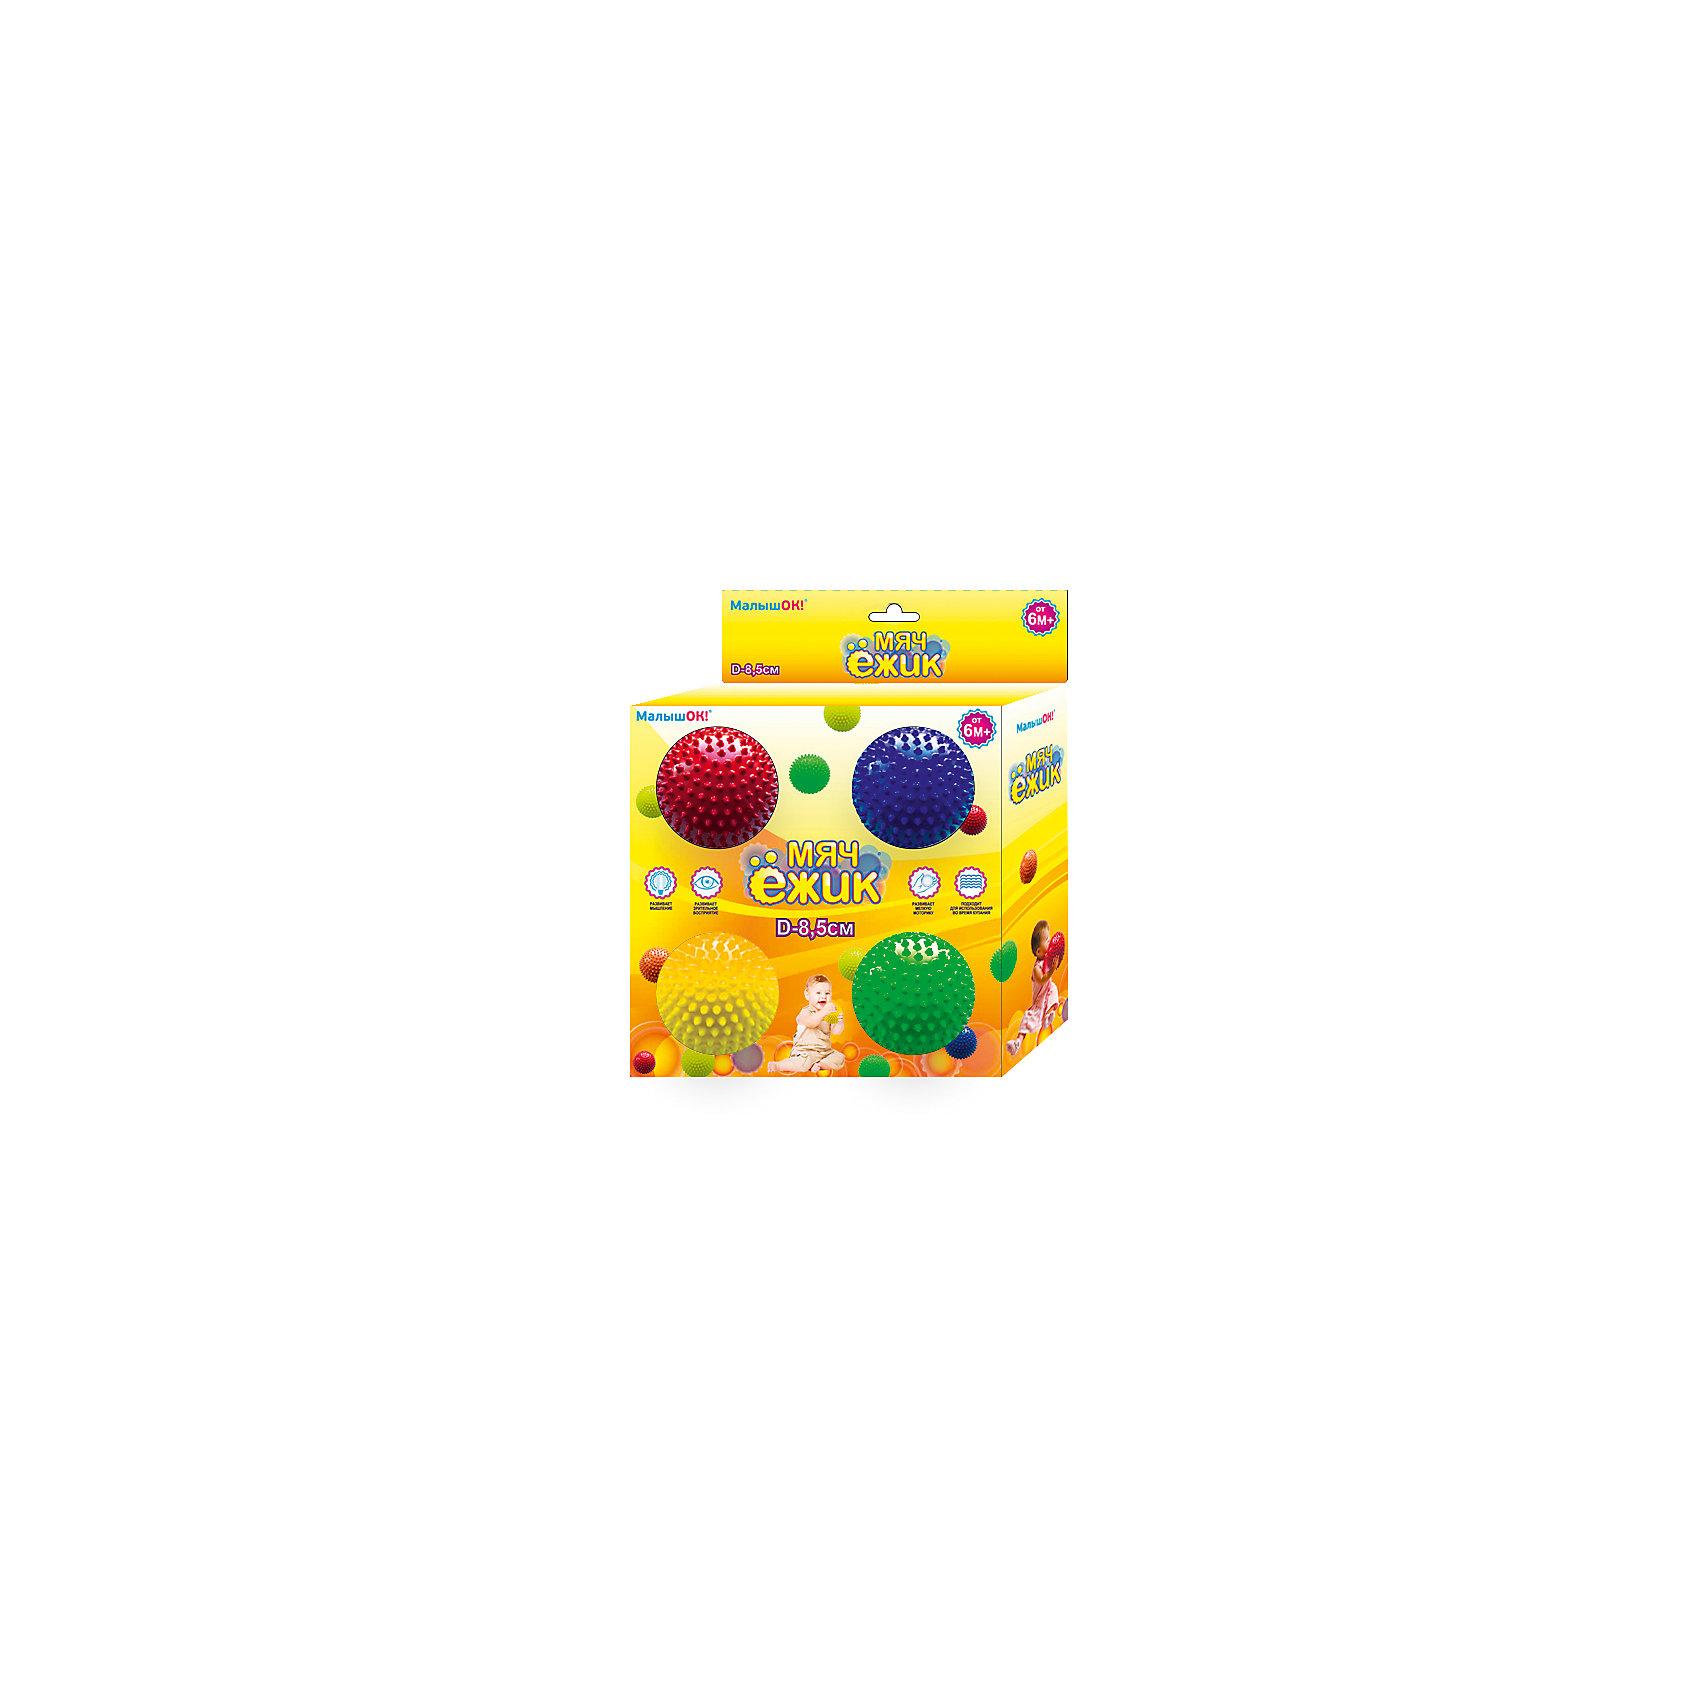 Набор из 4-х мячей ёжиков, 8,5 см, МалышОКМячи детские<br>Характеристики товара:<br><br>• в комплекте: 4 мяча;<br>• диаметр мяча: 8,5 см;<br>• материал: ПВХ;<br>• цвет: желтый, красный, синий, зеленый;<br>• возраст: от 0 месяцев;<br>• размер упаковки: 18х9,5х18см;<br>• вес: 220 грамм;<br>• страна бренда: Россия.<br><br>Набор мячей ёжиков разнообразит игры и купание малыша. Кроме того, мячи подходят для массажа.<br><br>Мячики небольшого размера удобны для ручек малыша. Играя с мячами ёжиками, малыш развивает моторику рук, тактильные ощущения, координацию движений и цветовое восприятие. Массаж с использованием мячей улучшает кровоток и положительно влияет на развитие нервной системы.<br><br>Мячи изготовлены из гипоаллергенных материалов.<br><br>Набор из 4-х мячей ёжиков, 8,5 см, МалышОК можно купить в нашем интернет-магазине.<br><br>Ширина мм: 180<br>Глубина мм: 95<br>Высота мм: 180<br>Вес г: 220<br>Возраст от месяцев: 6<br>Возраст до месяцев: 2147483647<br>Пол: Унисекс<br>Возраст: Детский<br>SKU: 6894021